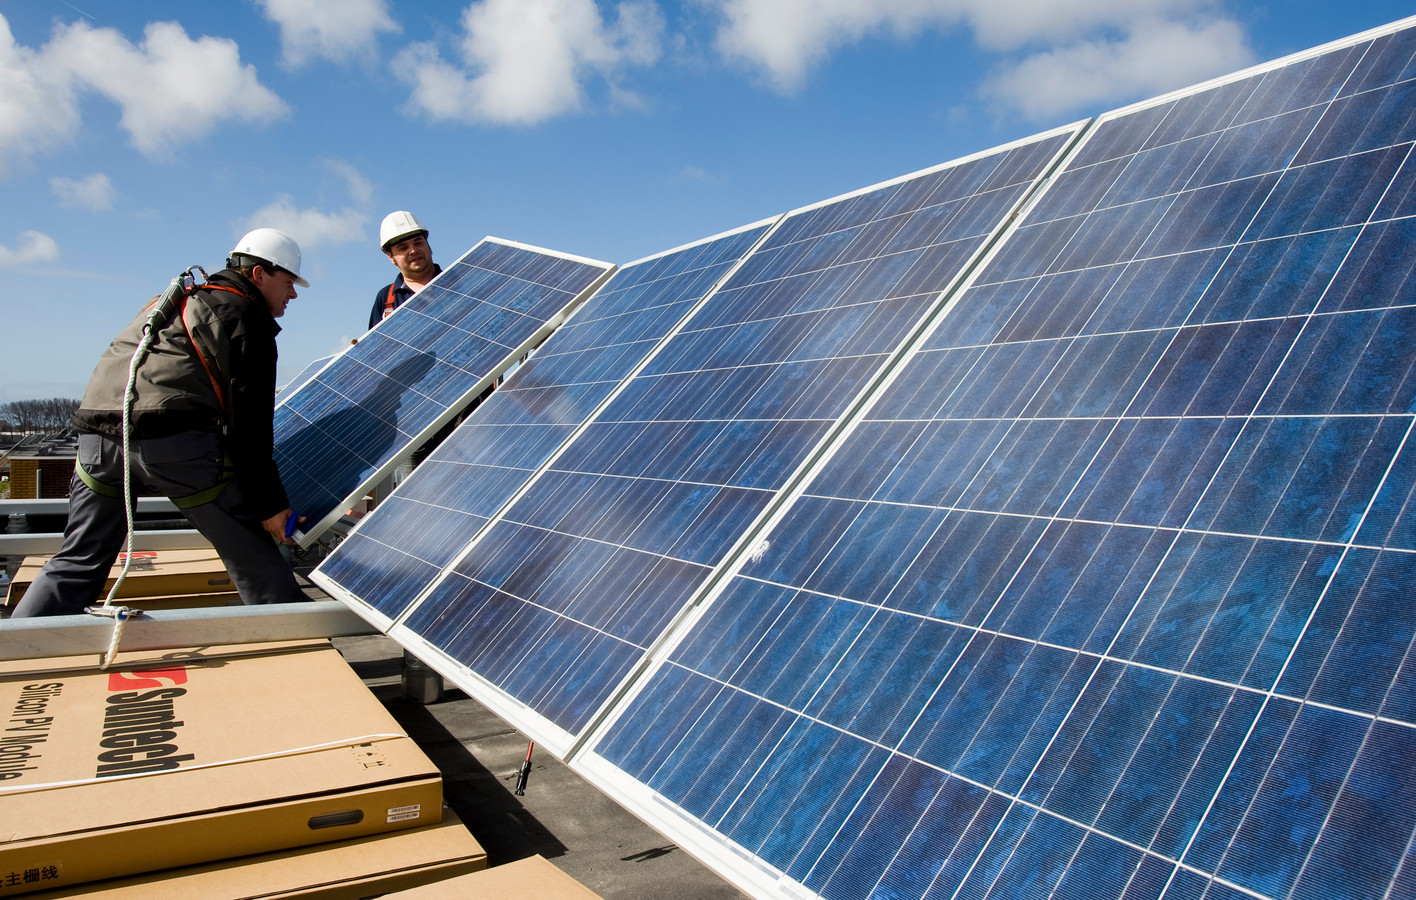 Nu komen kleine bedrijfjes vaak niet in aanmerking voor groene subsidies waarmee ze bijvoorbeeld zonnepanelen kunnen aanschaffen.